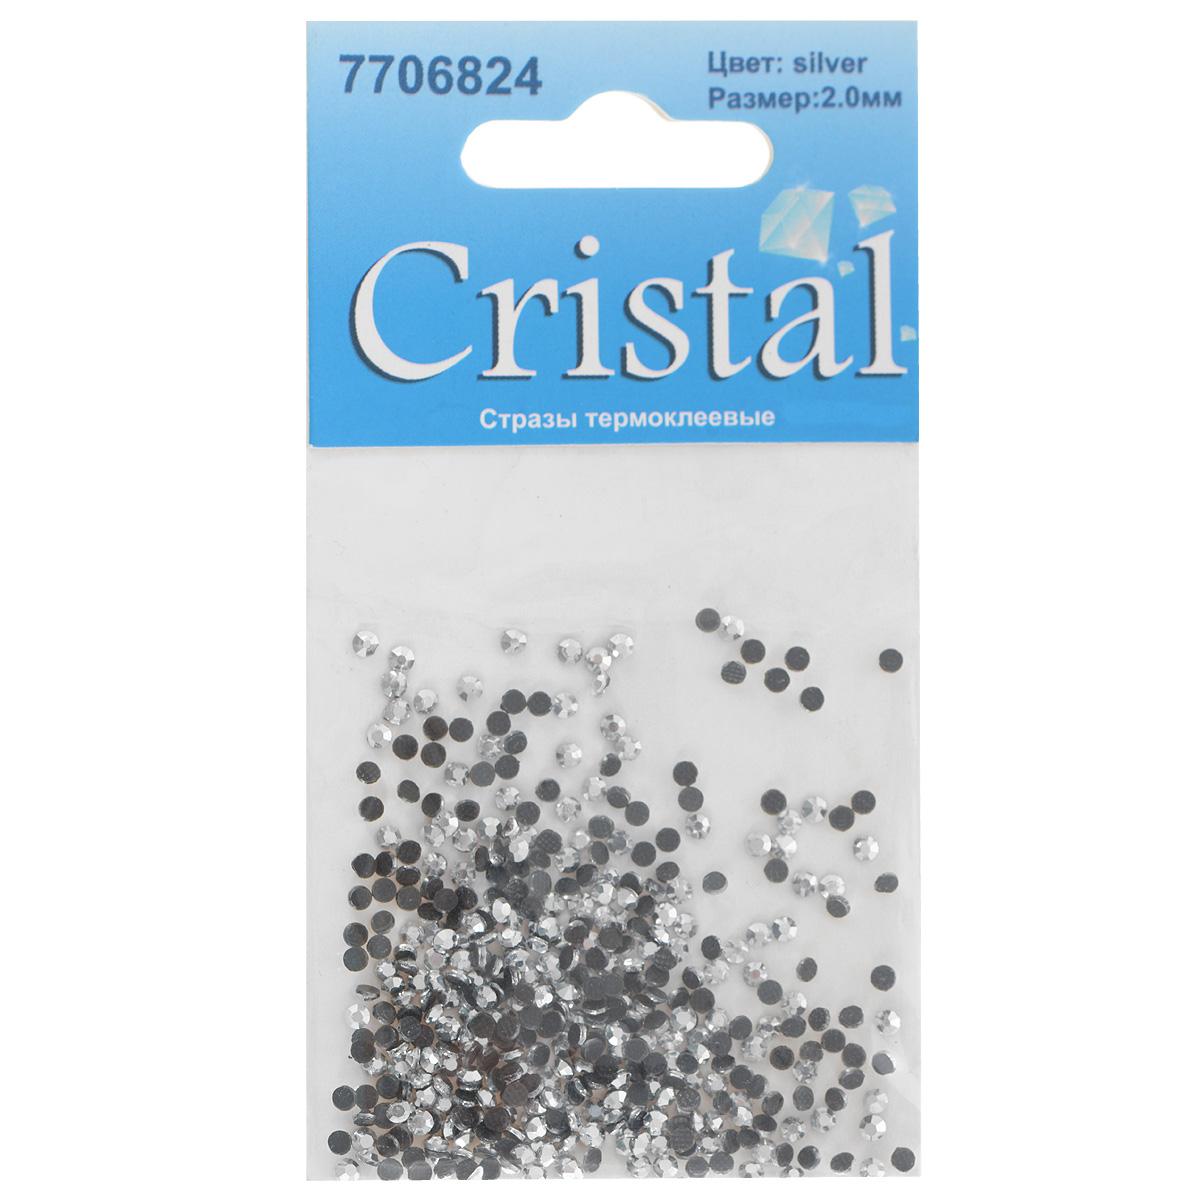 Стразы термоклеевые Cristal, цвет: серебристый, диаметр 2 мм, 432 штC0042416Набор термоклеевых страз Cristal, изготовленный из высококачественного акрила, позволит вам украсить одежду, аксессуары или текстиль. Яркие стразы имеют плоское дно и круглую поверхность с гранями.Дно термоклеевых страз уже обработано особым клеем, который под воздействием высоких температур начинает плавиться, приклеиваясь, таким образом, к требуемой поверхности. Чаще всего их используют в текстильной промышленности: стразы прикладывают к ткани и проглаживают утюгом с обратной стороны. Также можно использовать специальный паяльник. Украшение стразами поможет сделать любую вещь оригинальной и неповторимой. Диаметр страз: 2 мм.